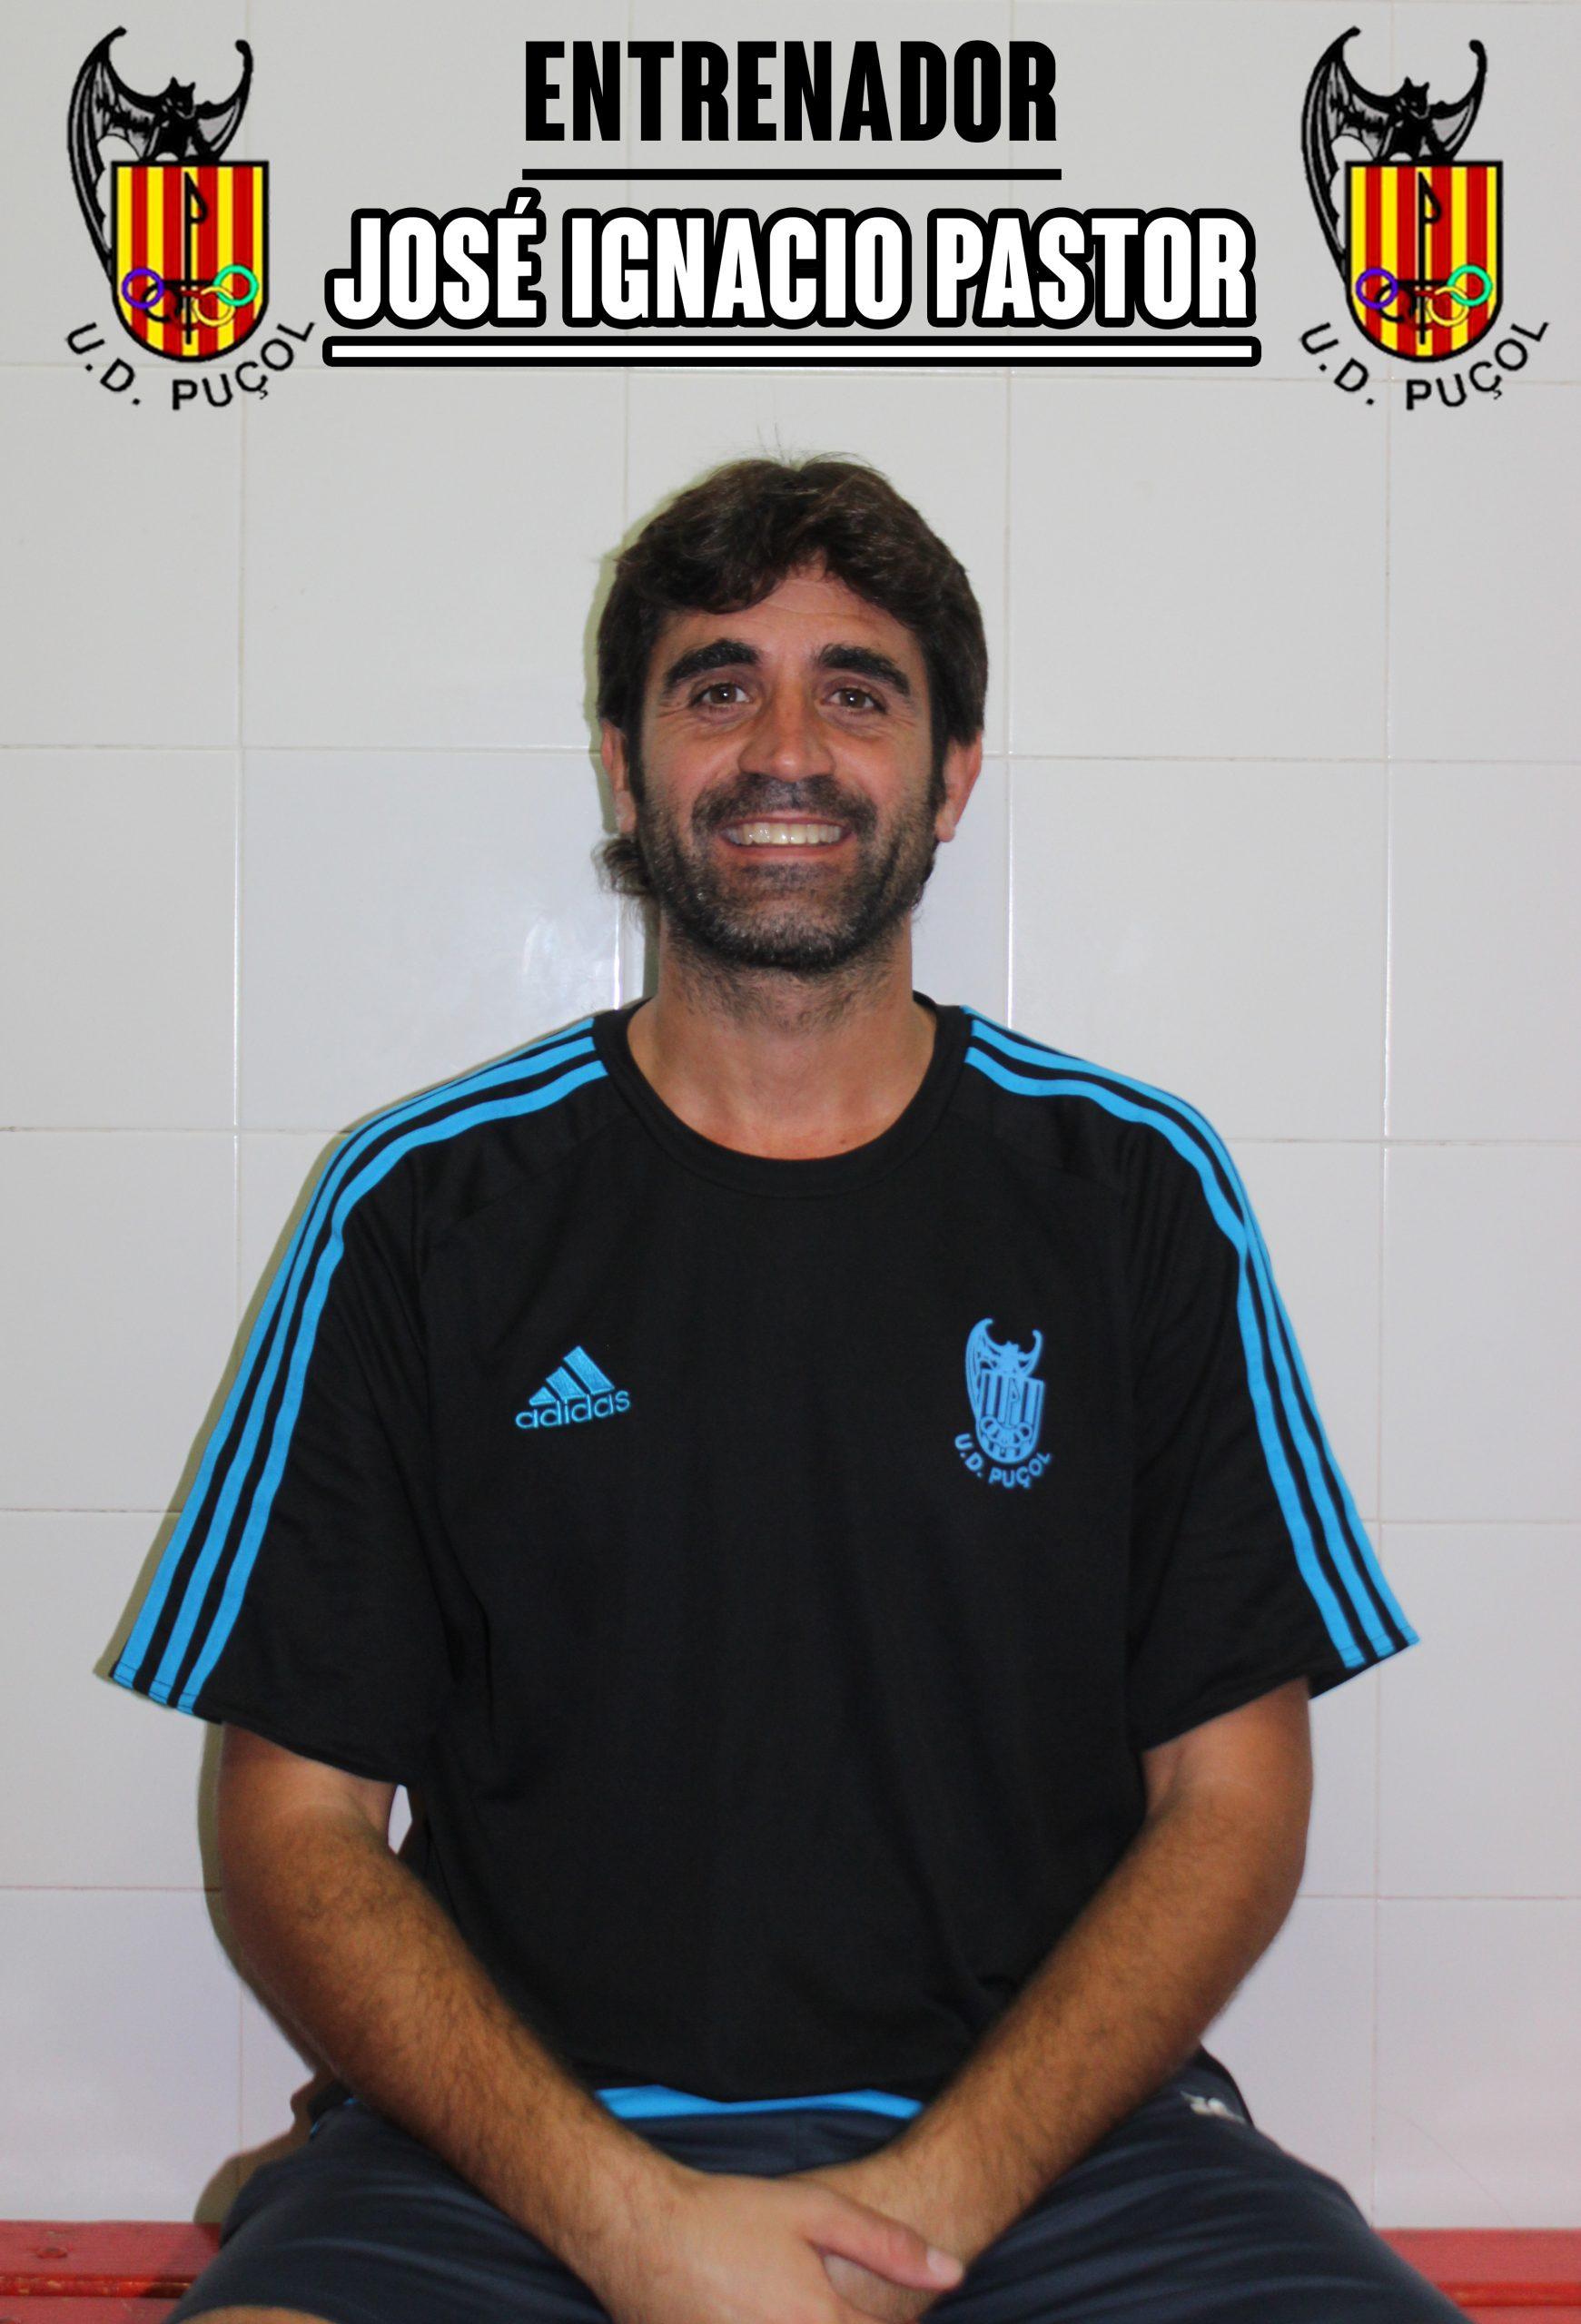 José Ignacio Pastor Entrenador